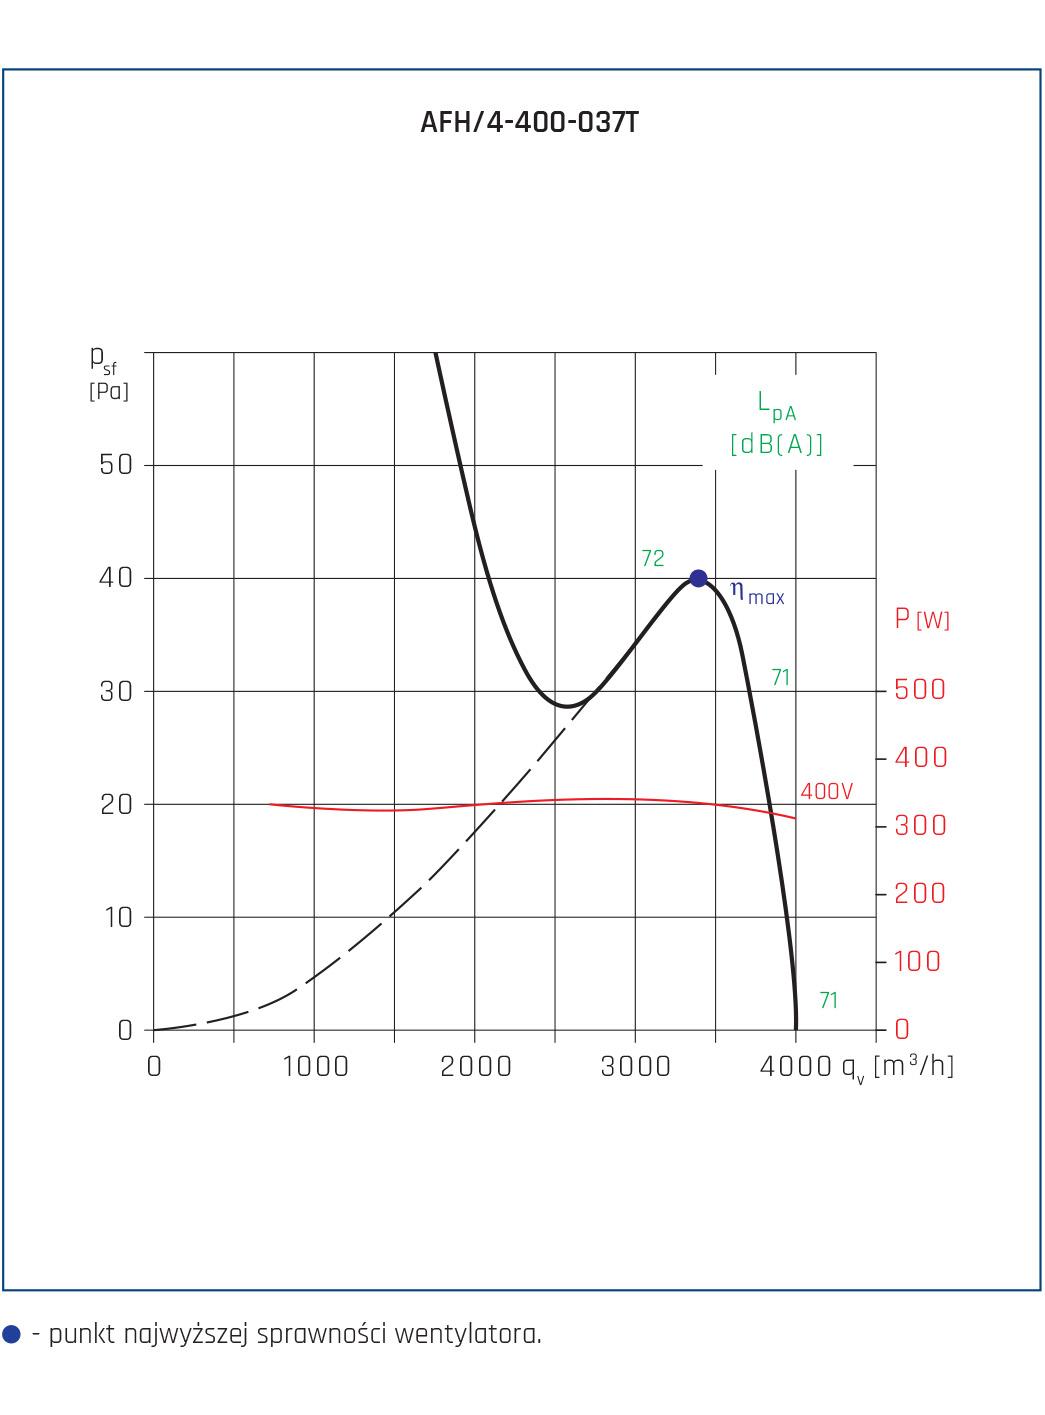 Wentylator osiowy AFH 19